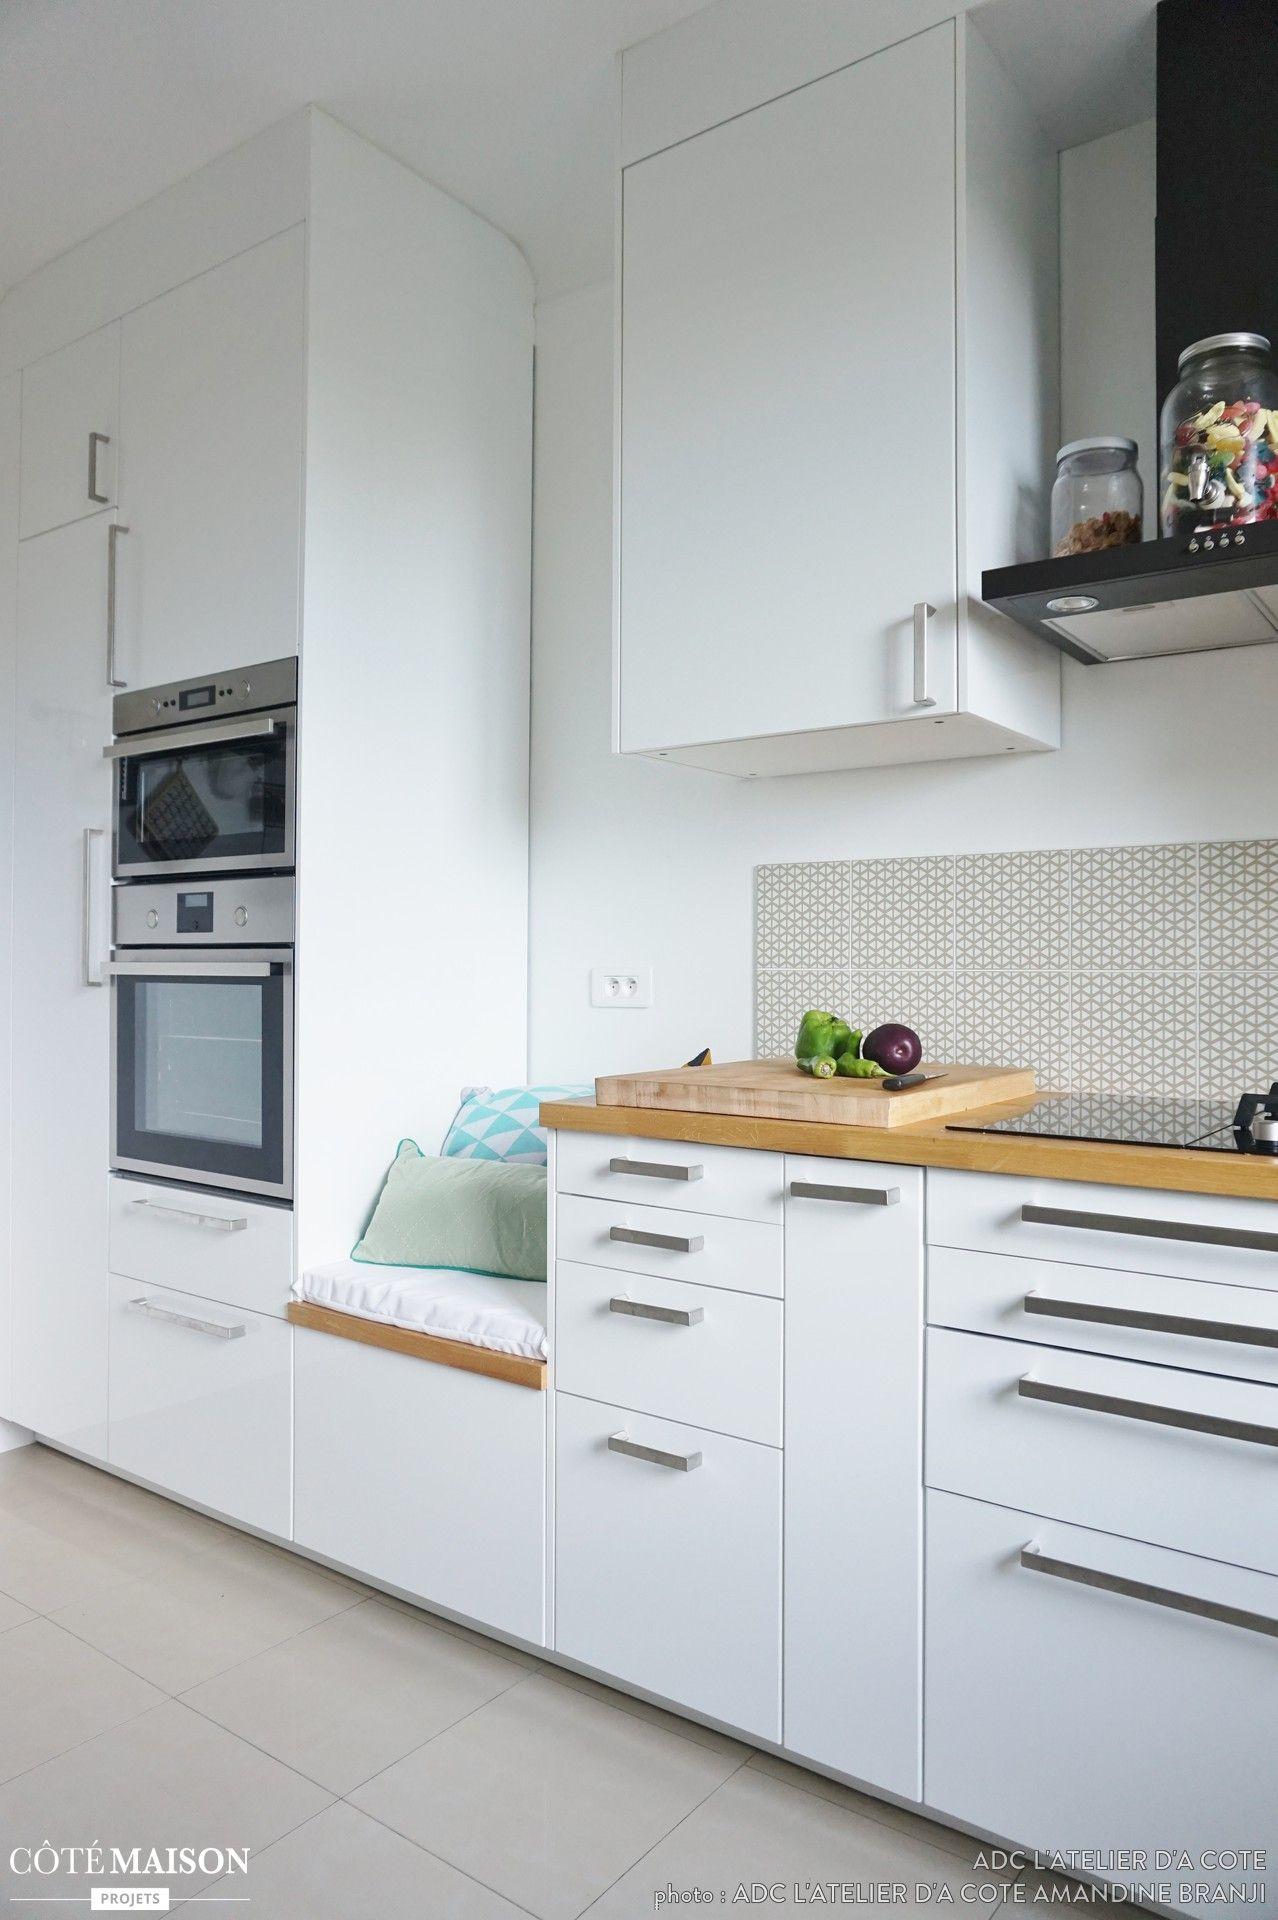 Une cuisine lumineuse blanche et bois adc l 39 atelier d 39 c t c t maison ikea - Cuisine ikea blanche et bois ...